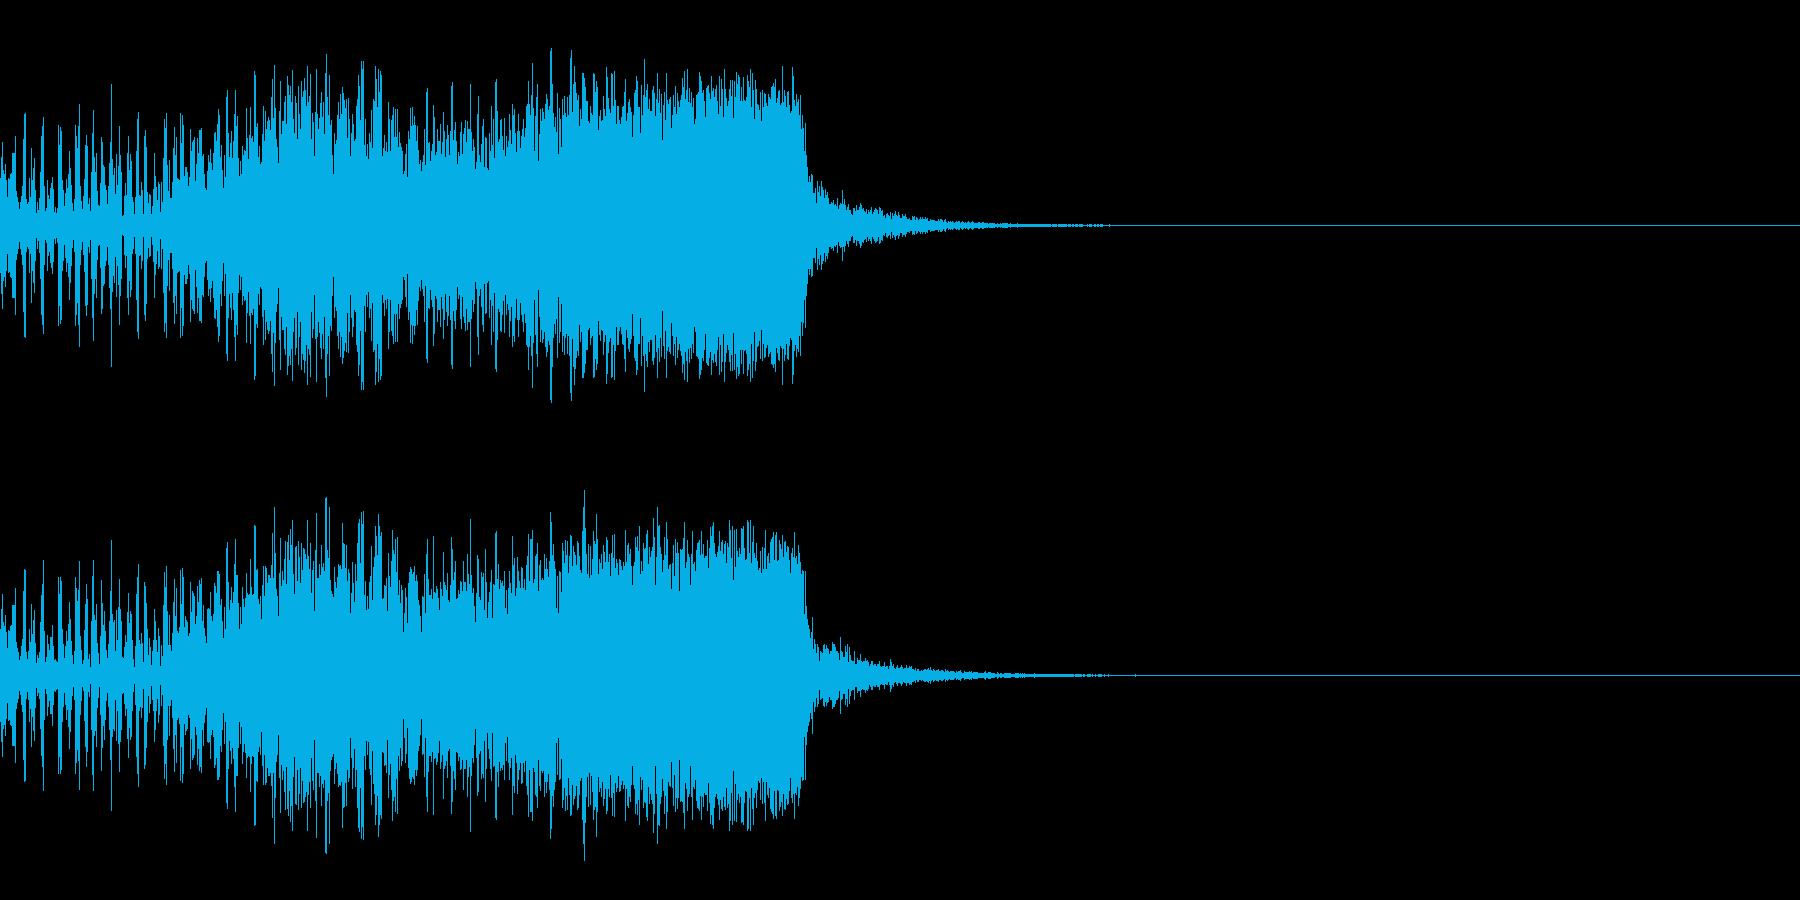 スパーク音-10の再生済みの波形